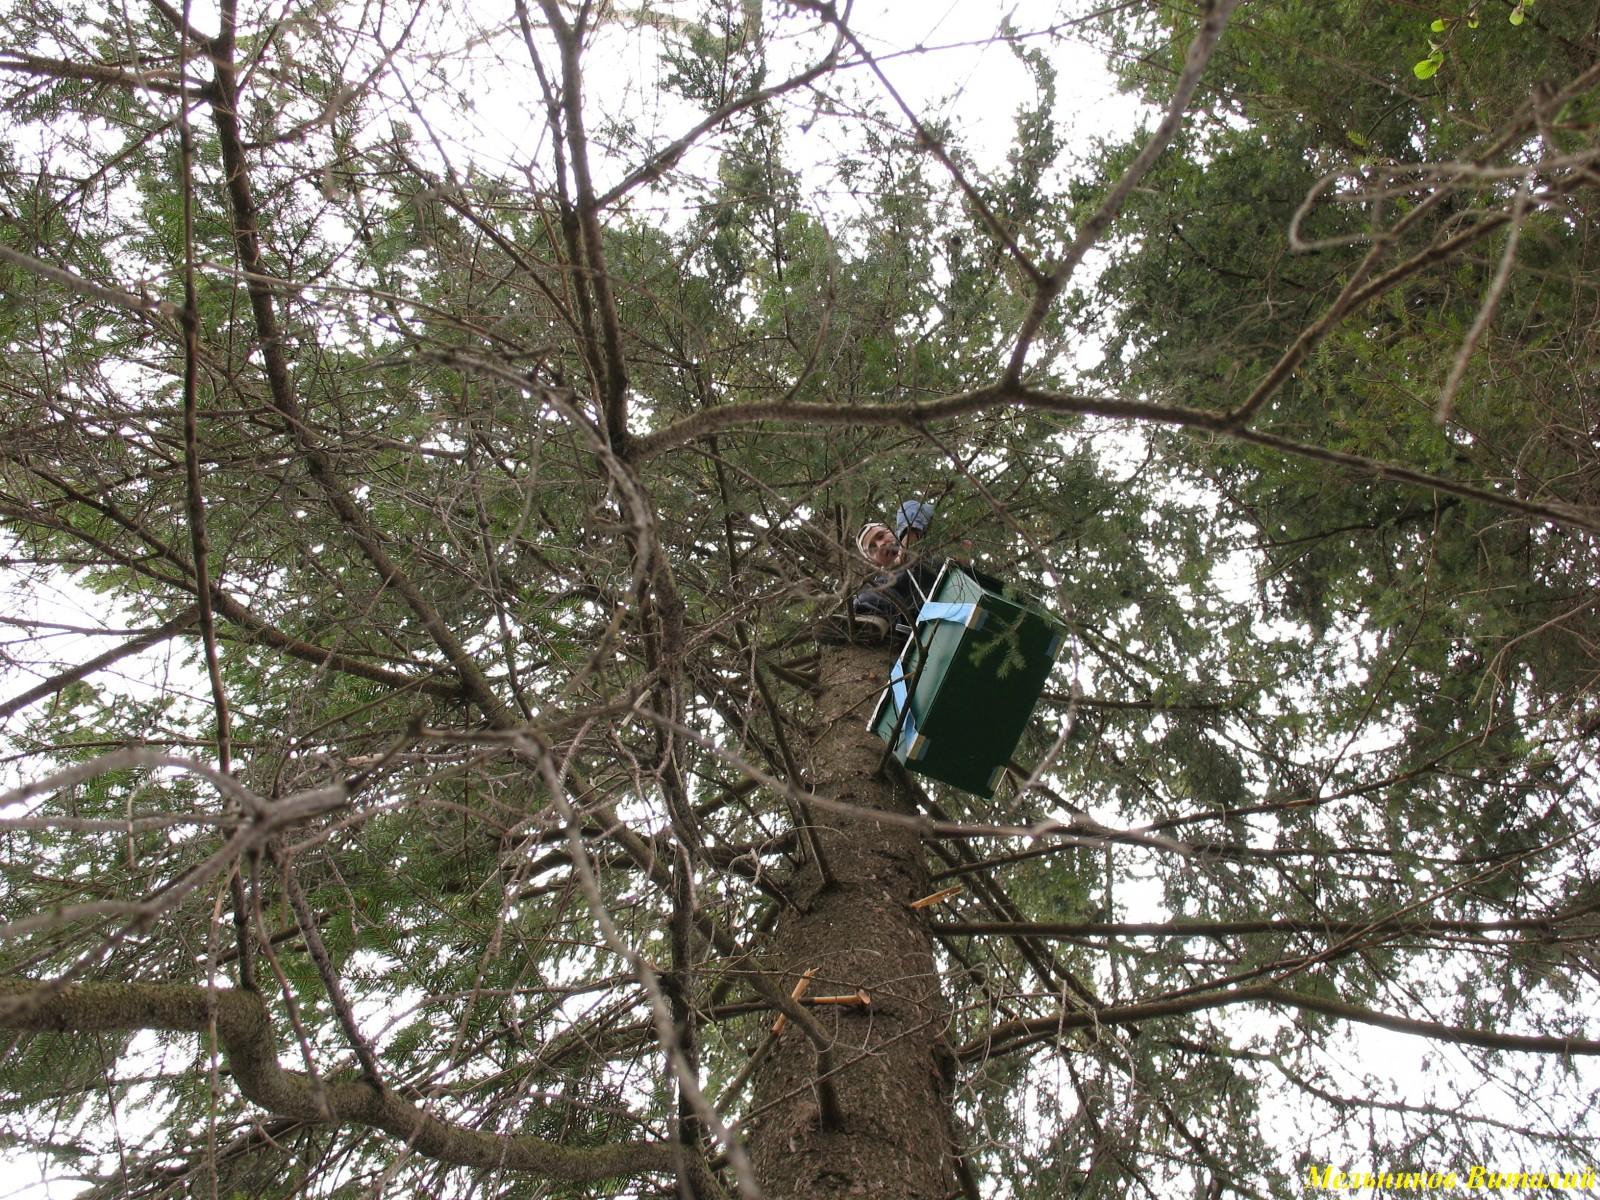 подъем ловушки на дерево